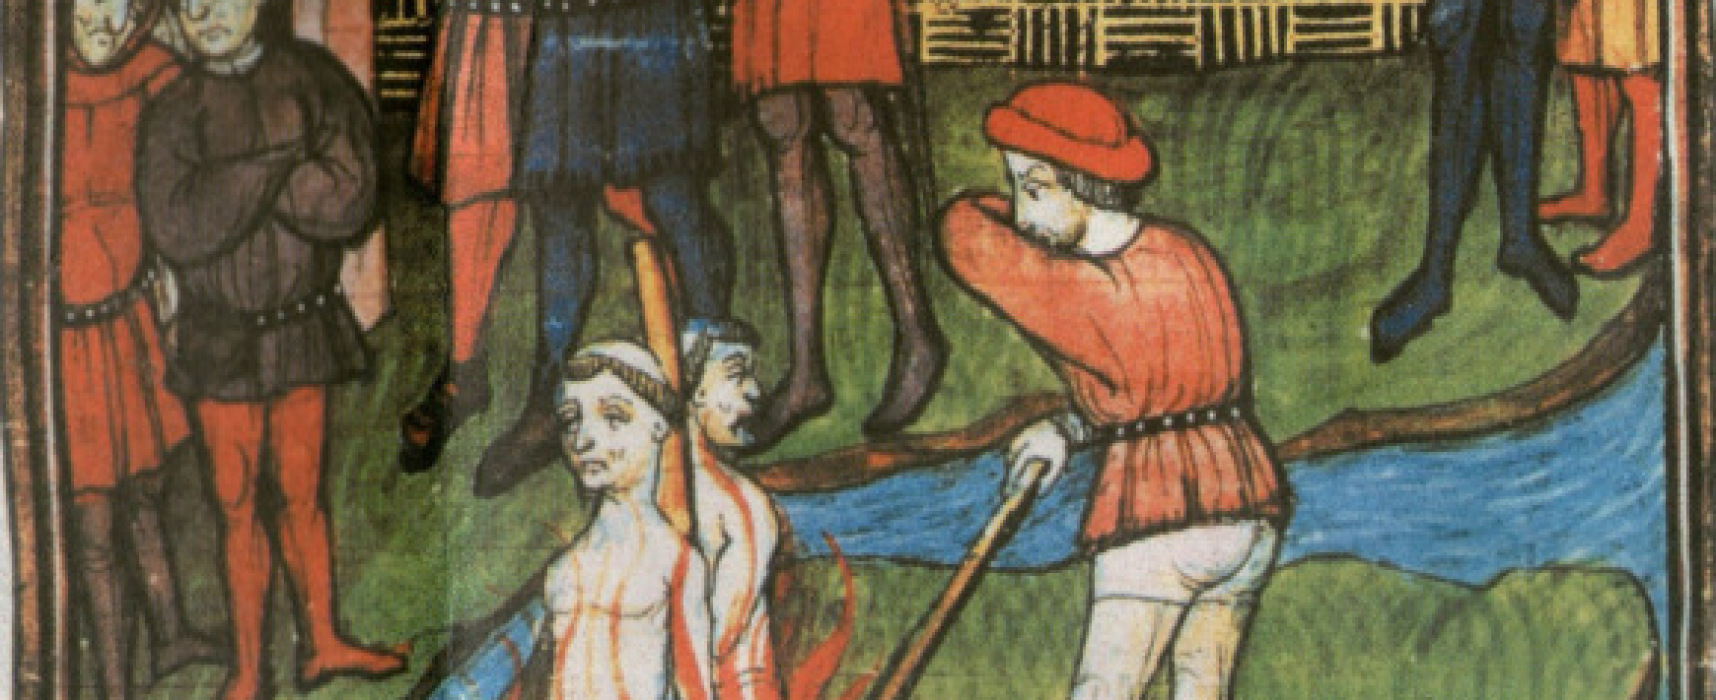 Accadde oggi, 22 Luglio: 1184, la strage di 20.000 Albigiesi e Catari a Beziers